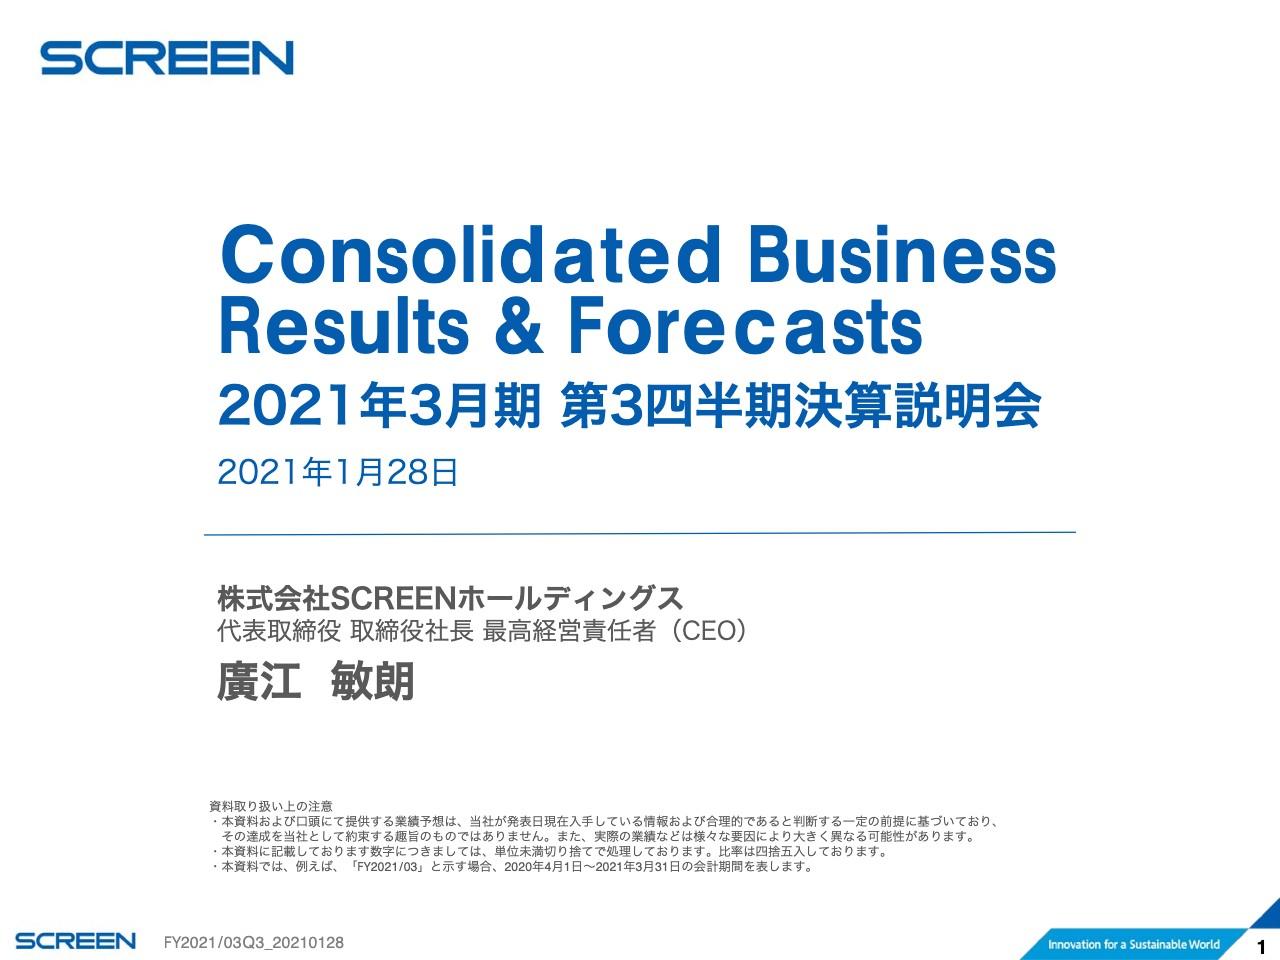 SCREEN HD、3Q累計は減収もグループ全体では収益性改善と固定費抑制が奏功し増益 営業利益は前年比+53億円